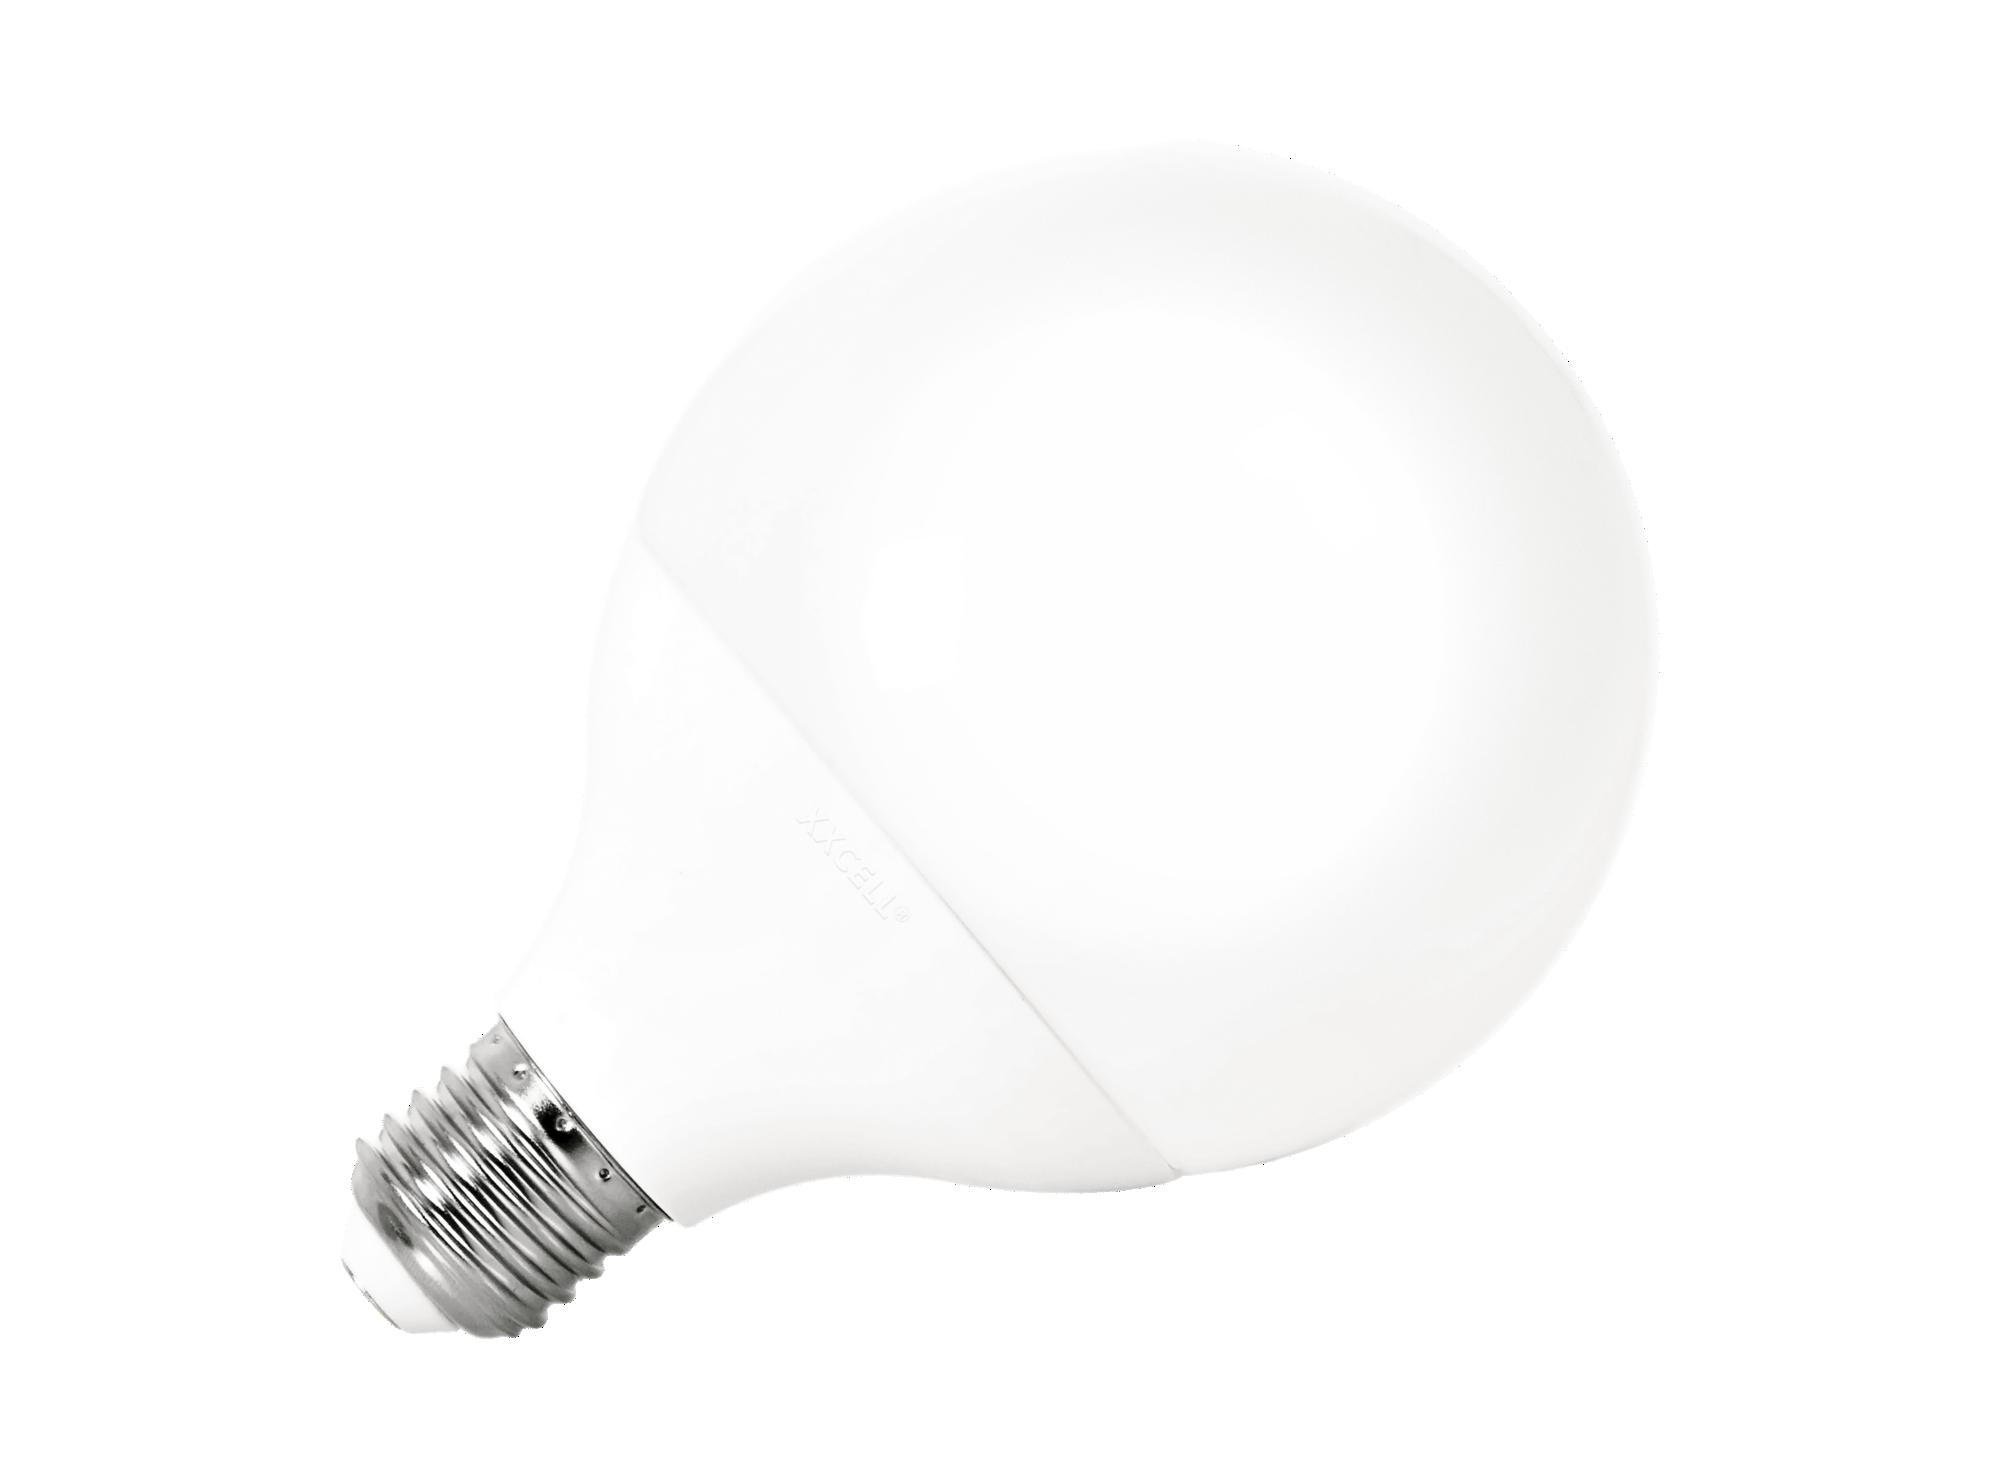 Type de source lumineuse : led - type de culot : e27 - puissance : 9w ...